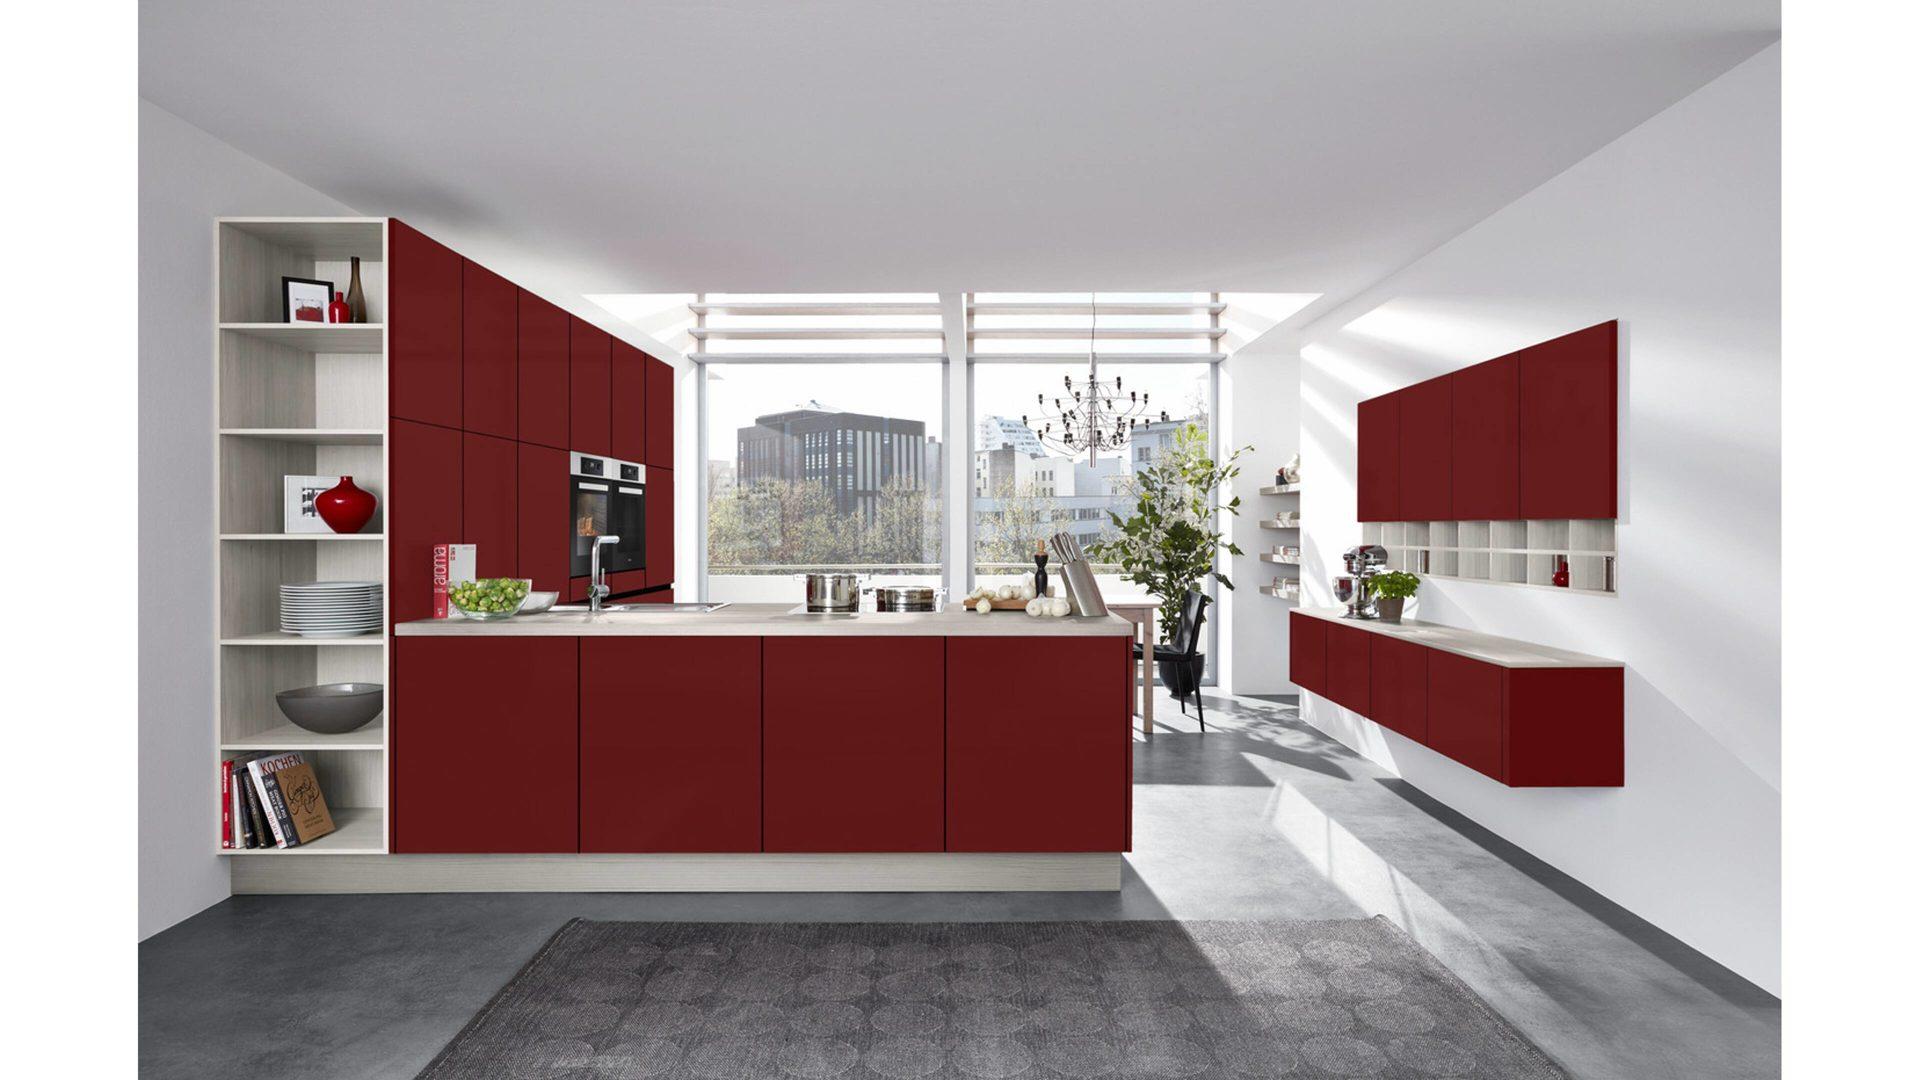 Wunderbar Stuhlschiene Küche Farbe Galerie - Ideen Für Die Küche ...